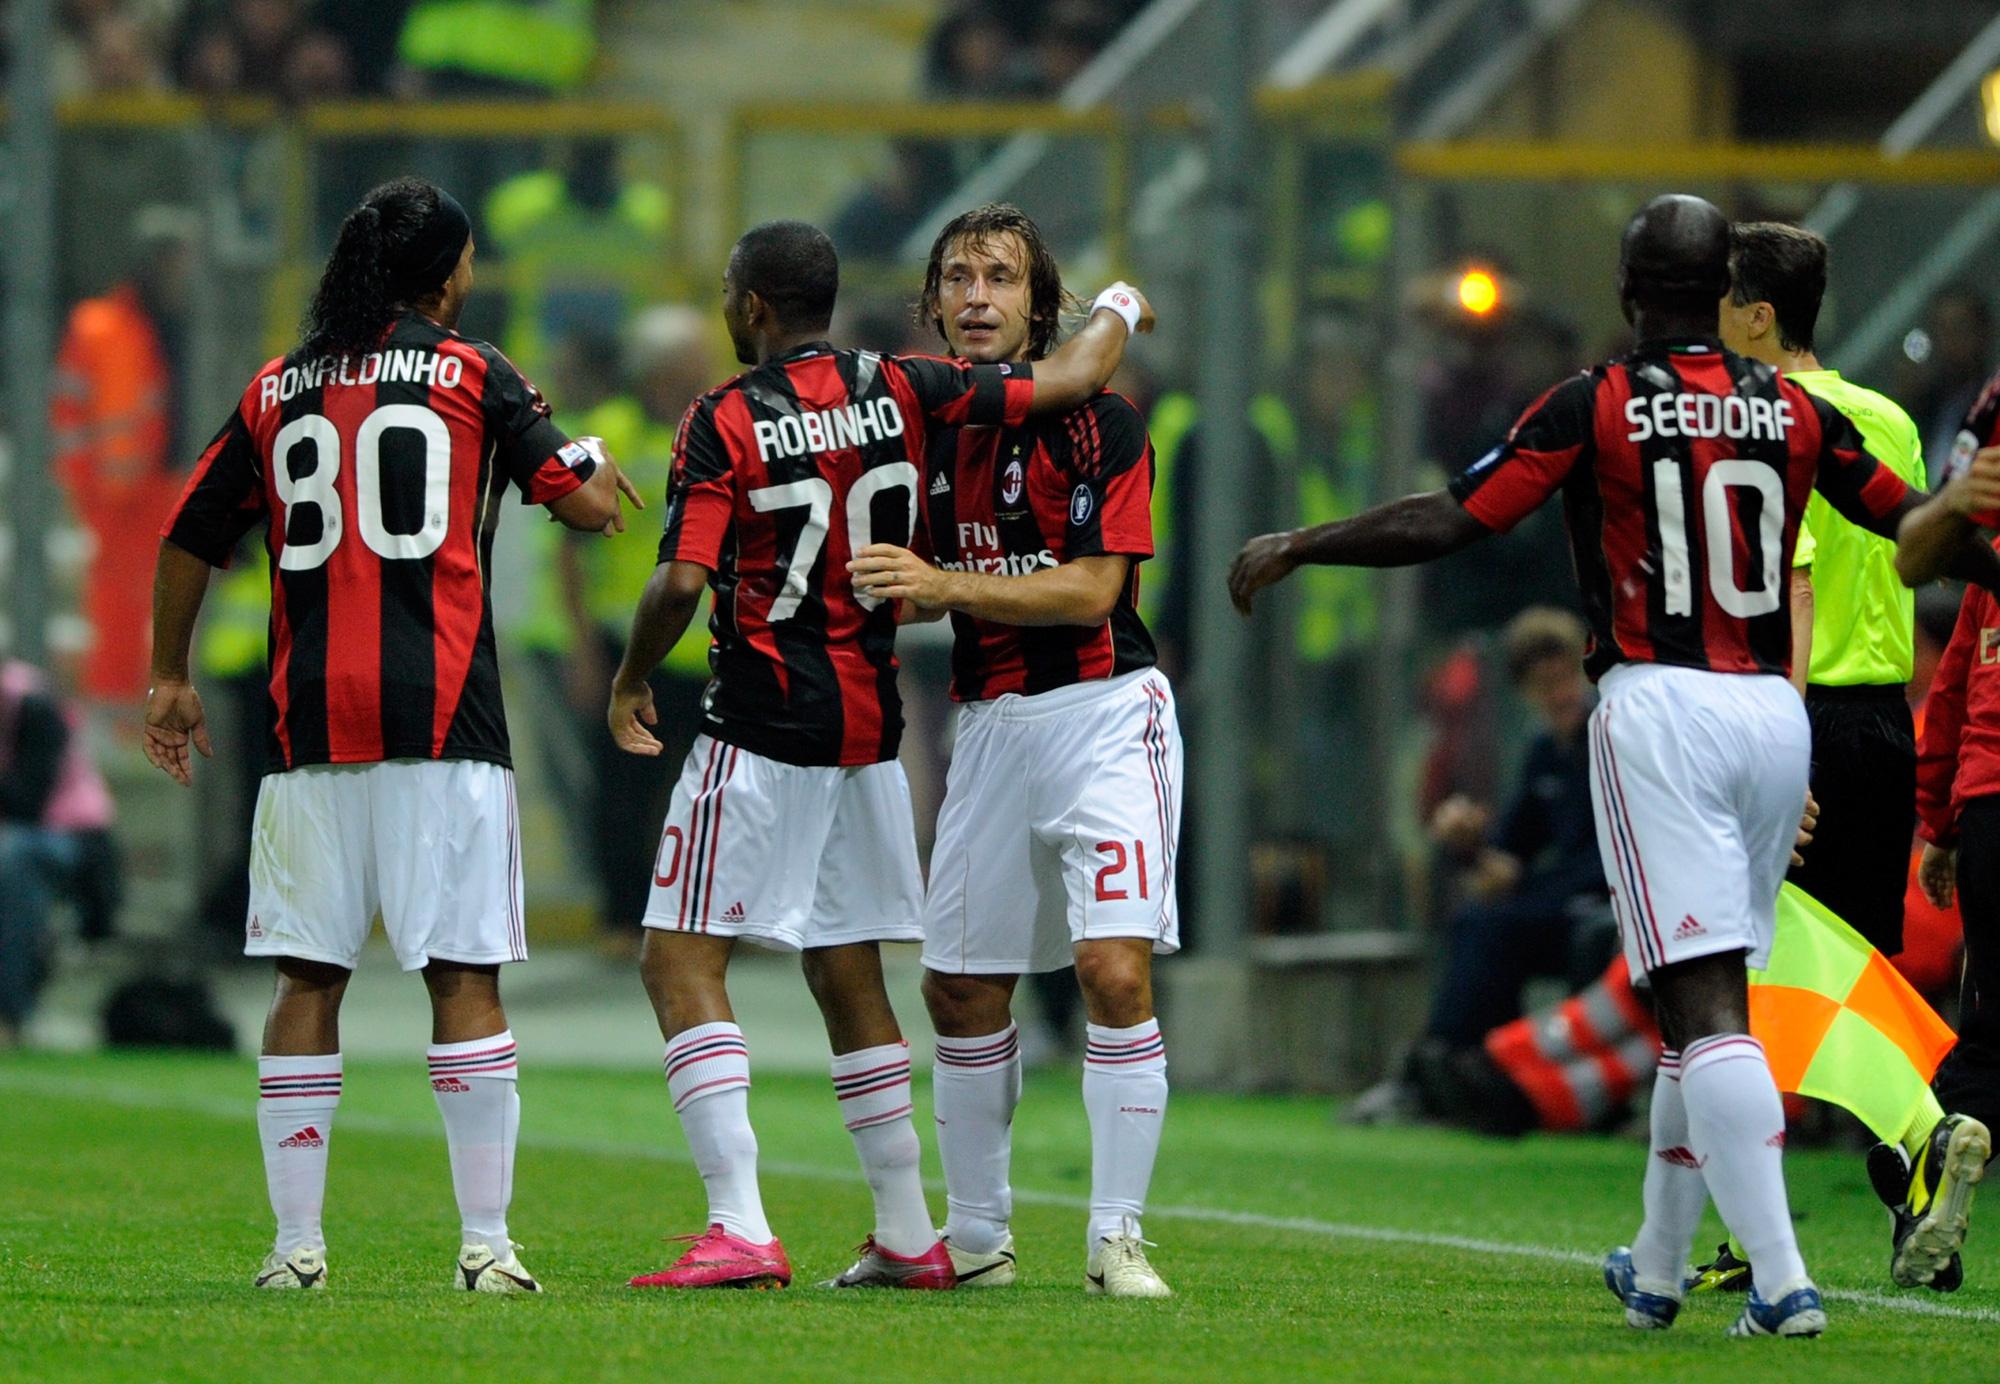 Robinho thời chơi cho Milan, bên cạnh Ronaldinho, Andrea Pirlo và Seedorf (Ảnh: Getty)